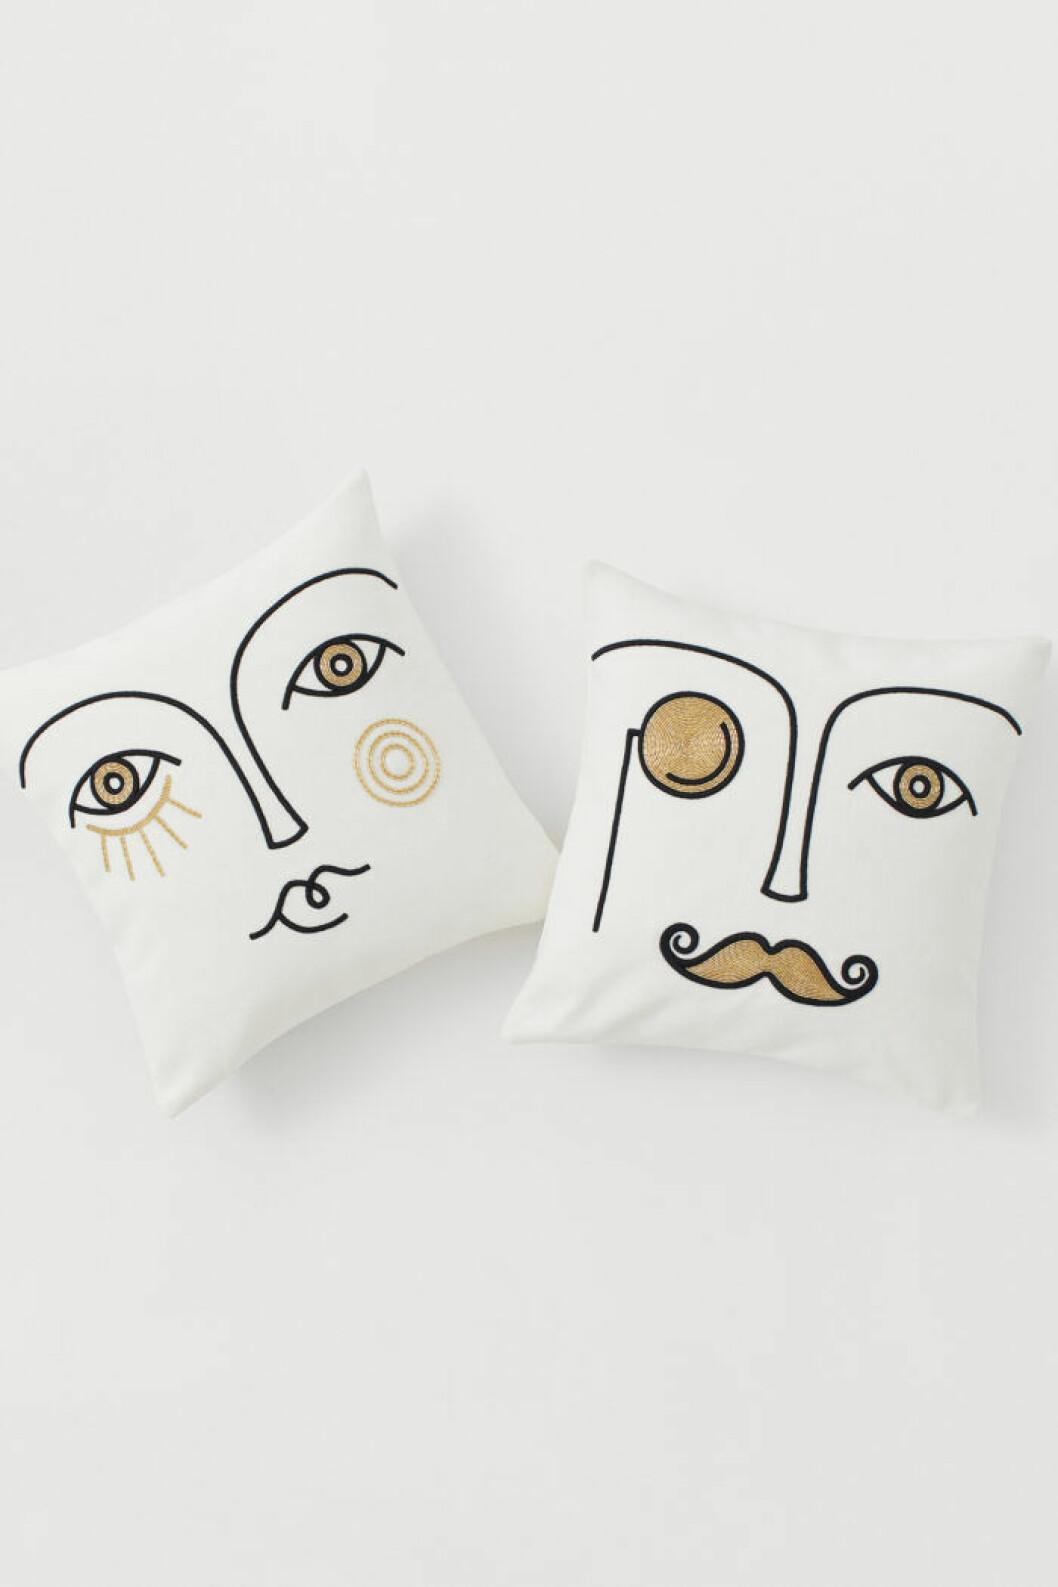 Vita kuddar med ansikten från Jonathan Adler x H&M